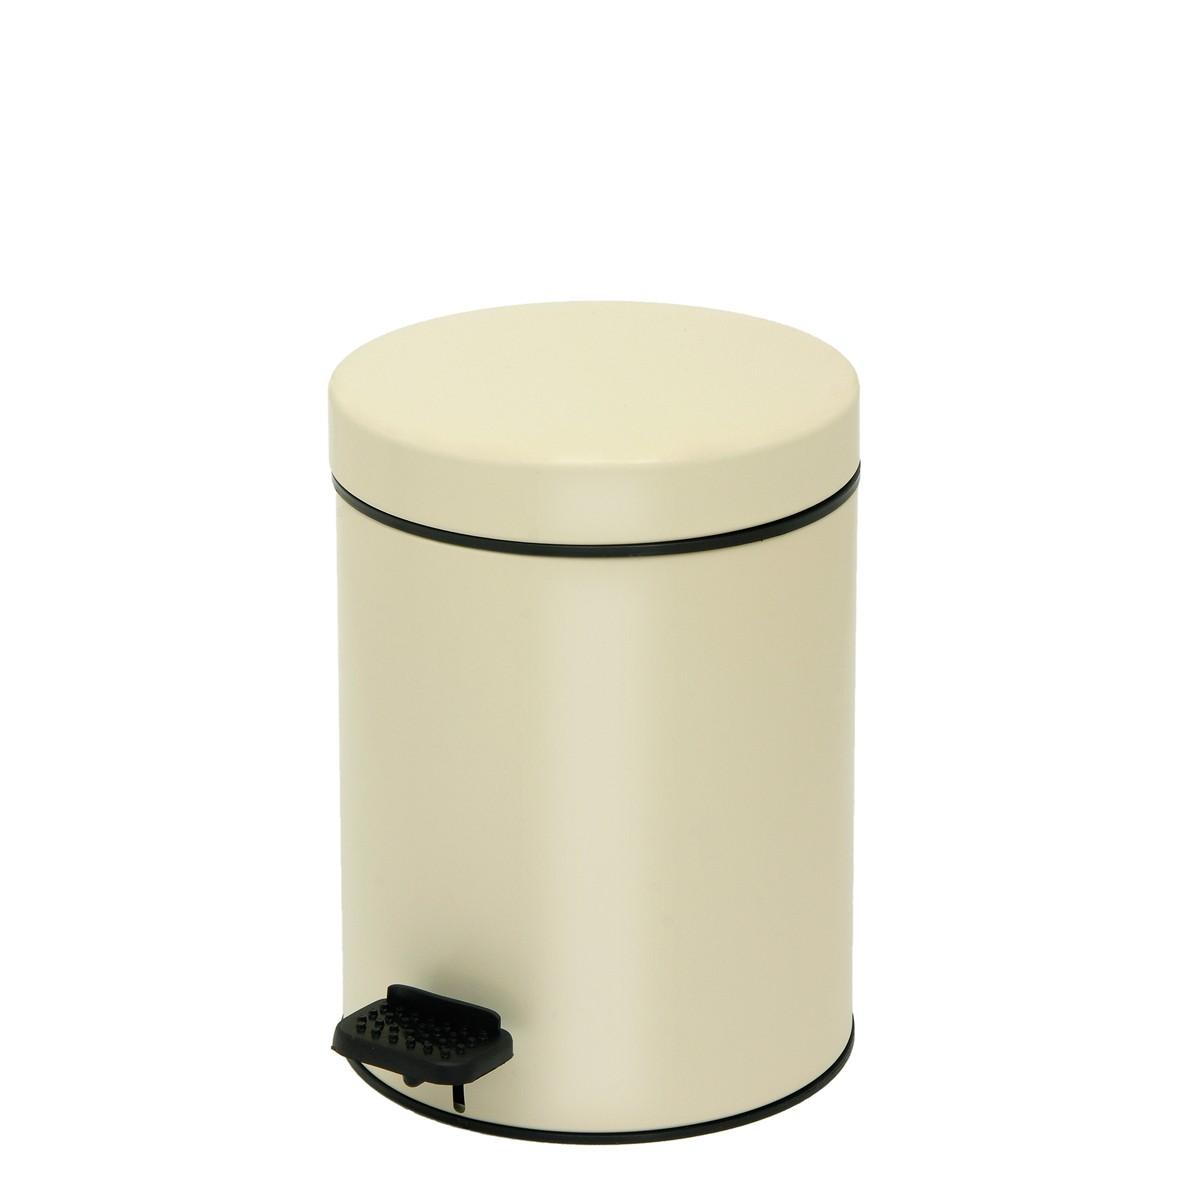 Κάδος Απορριμάτων (18x25) PamCo 3Lit 605 Ivory Matte